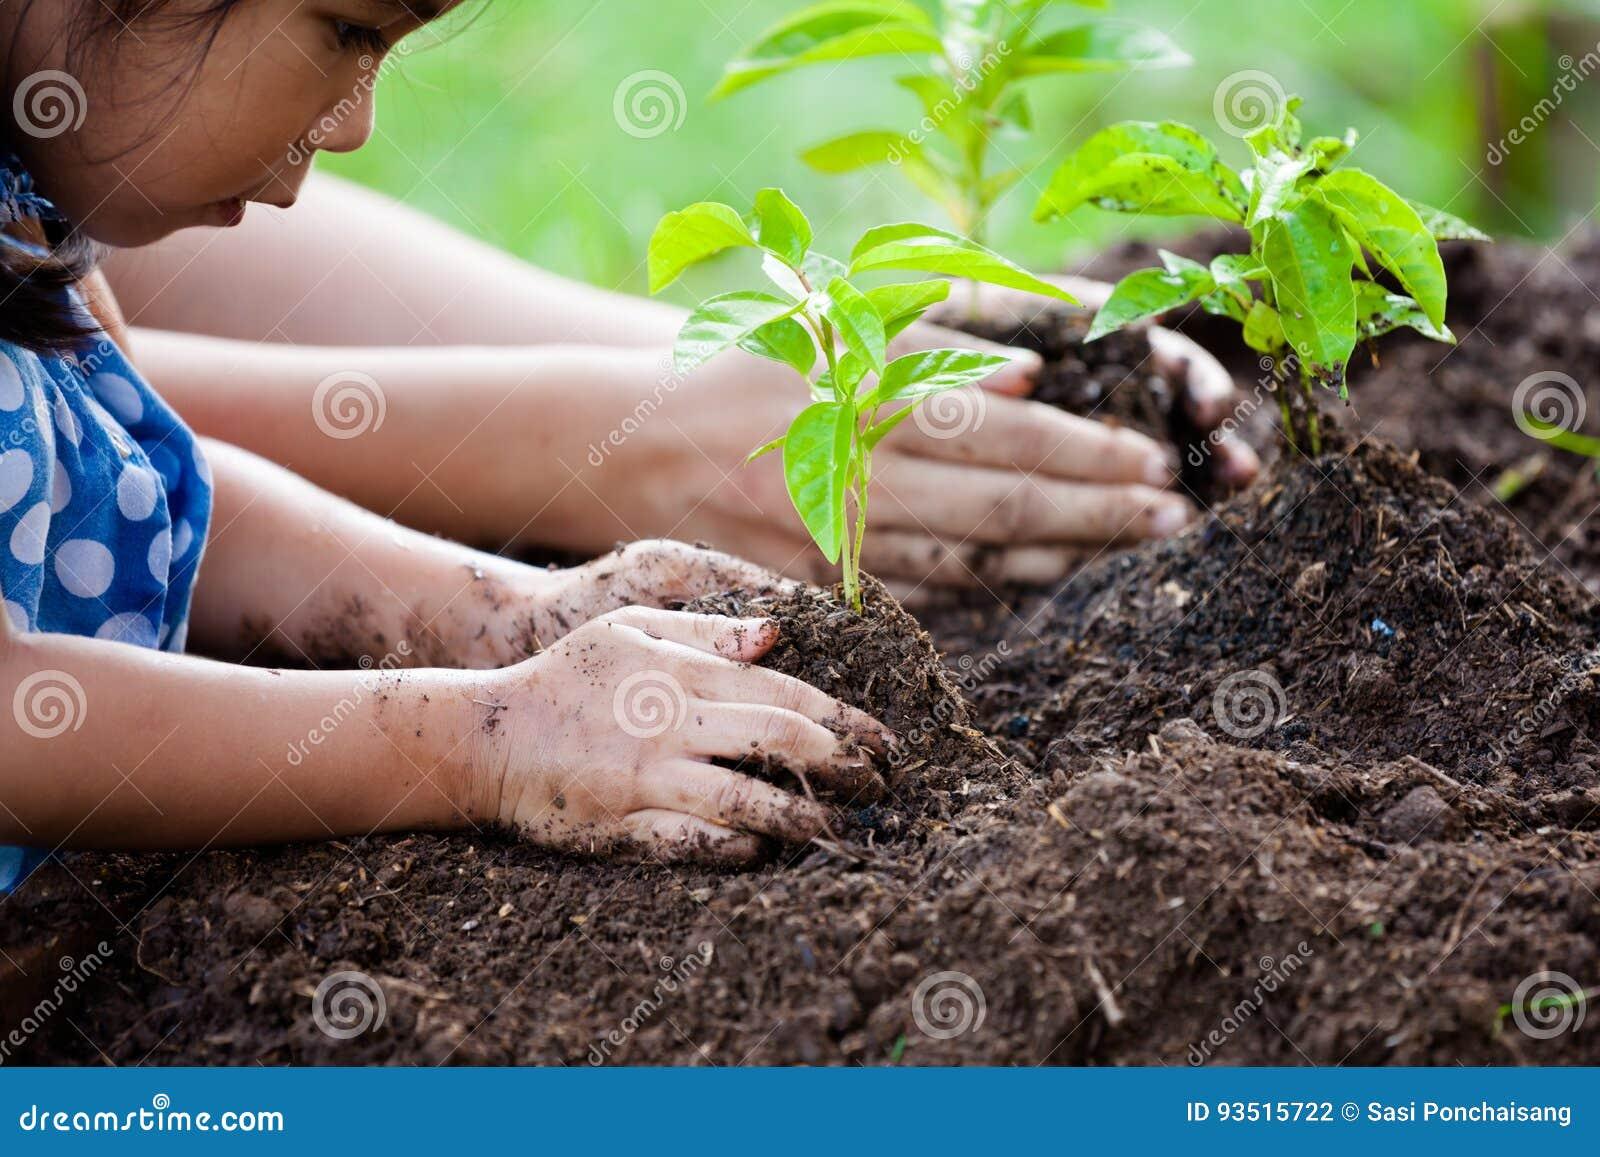 Азиатская маленькая девочка и родитель засаживая молодое дерево на черной почве